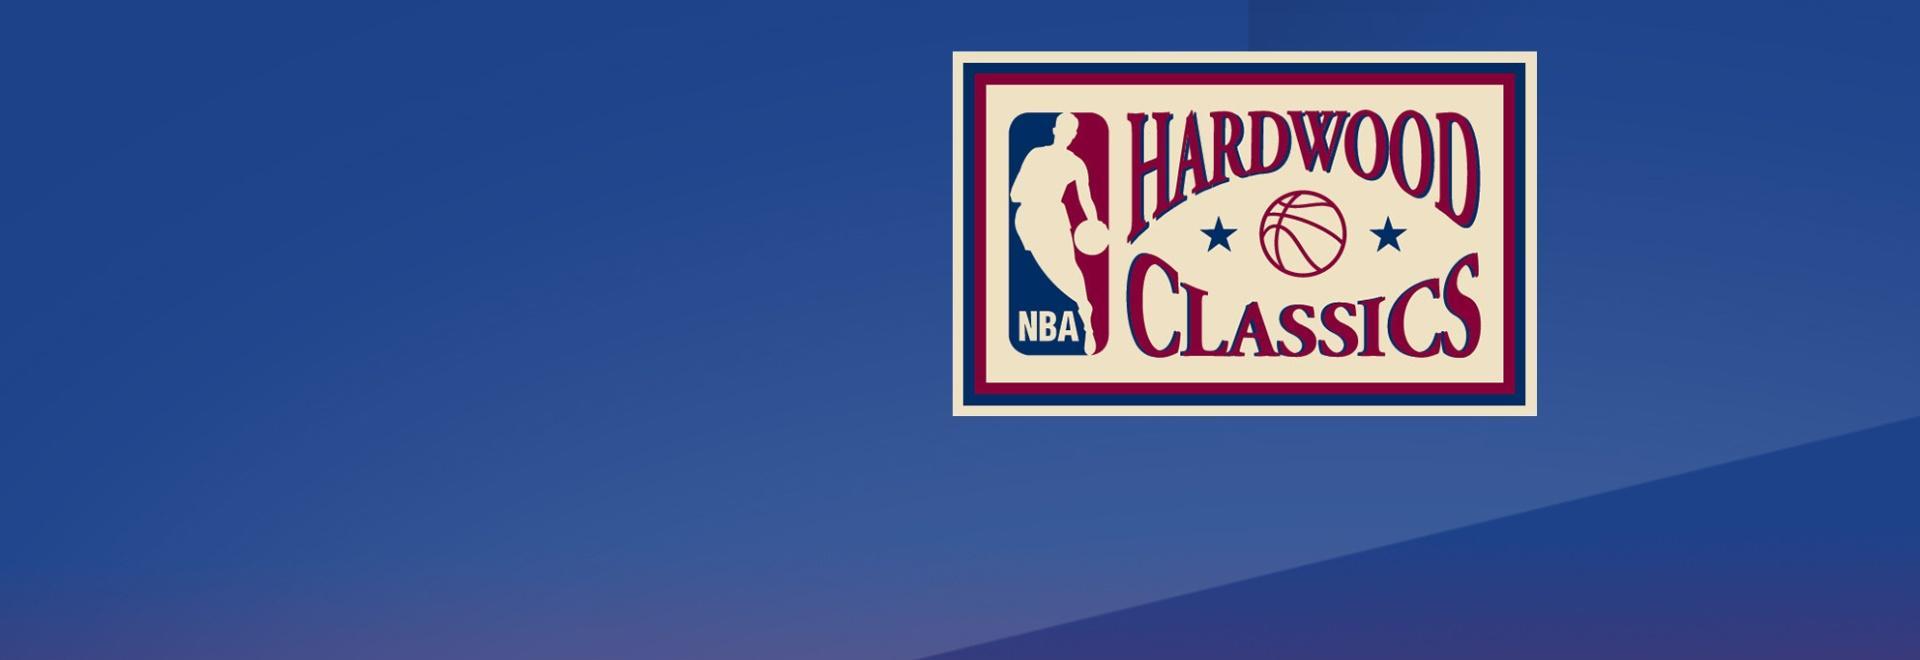 NBA All-Star Game MVP LeBron James 2018